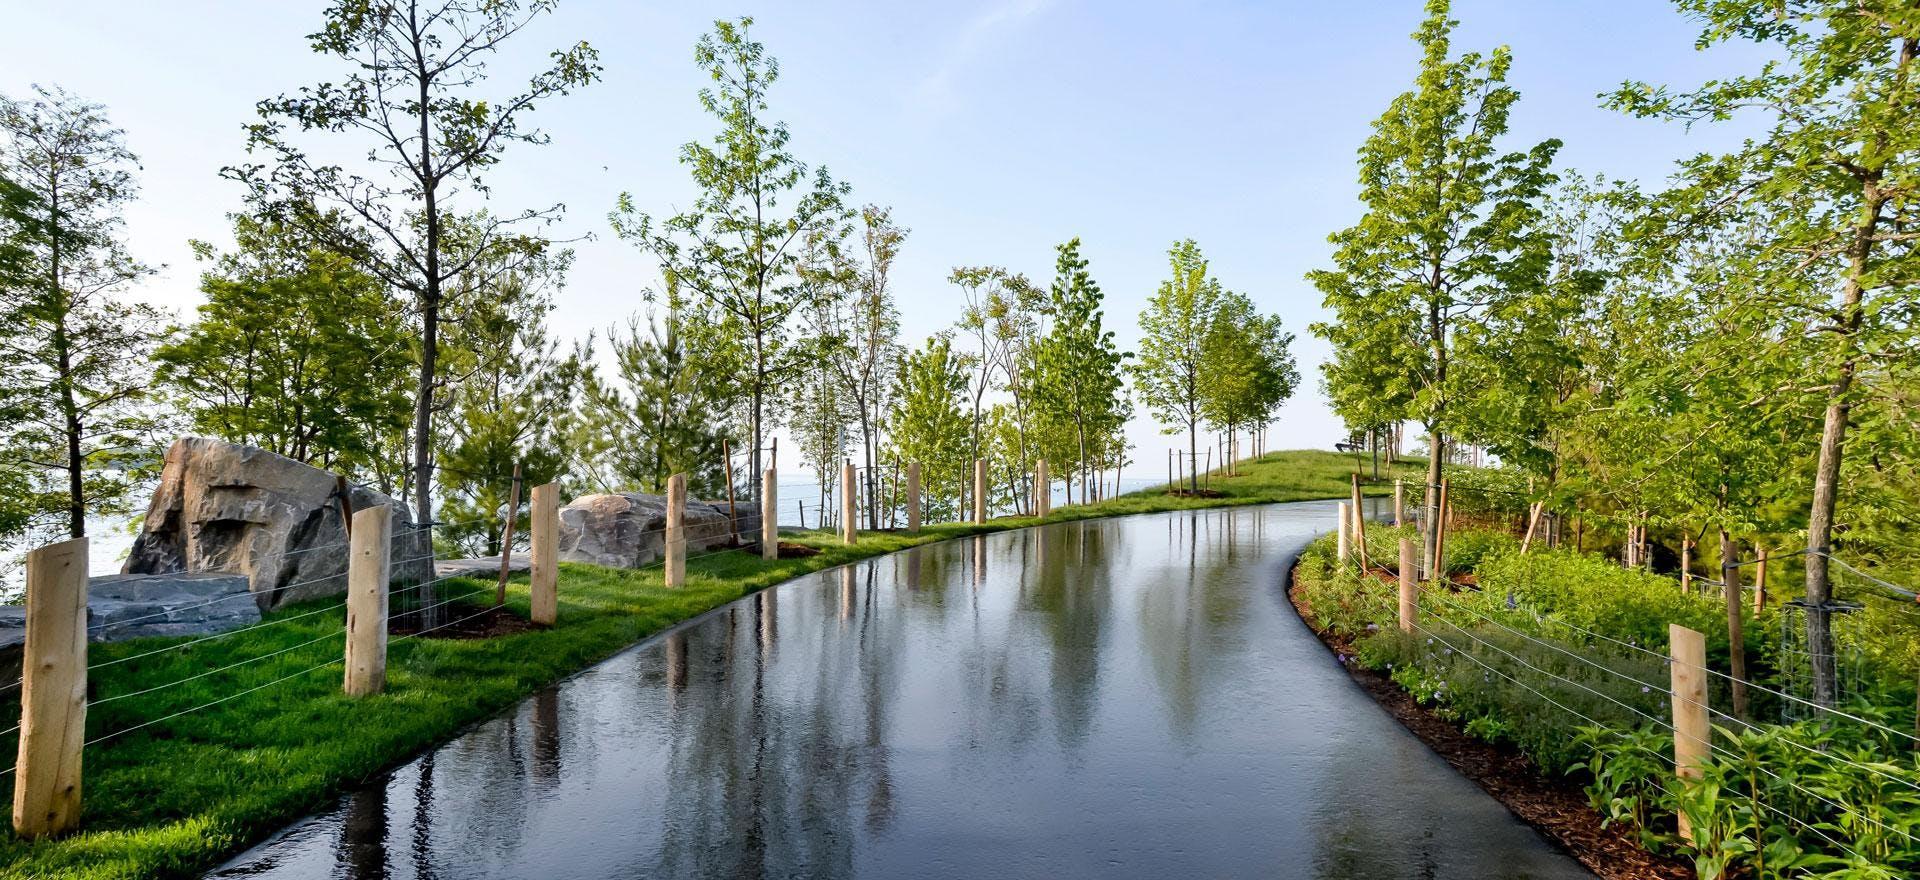 MindTravel SilentWalk in Toronto through Trillium Park